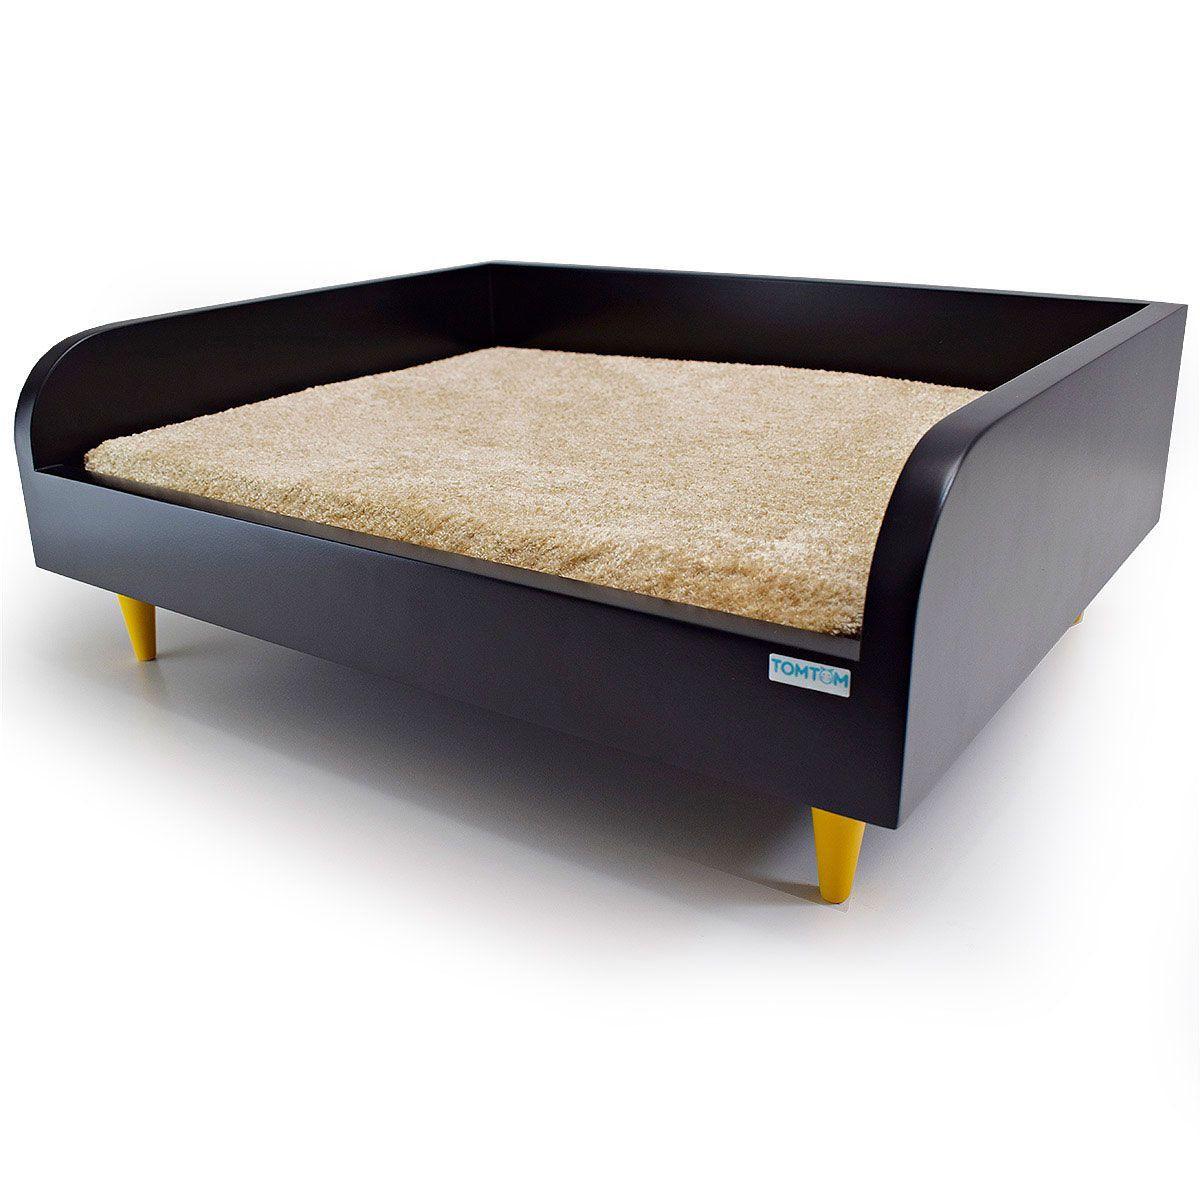 Sofá para Cachorro Pequeno Tomtom Preto com Almofada Bege - P